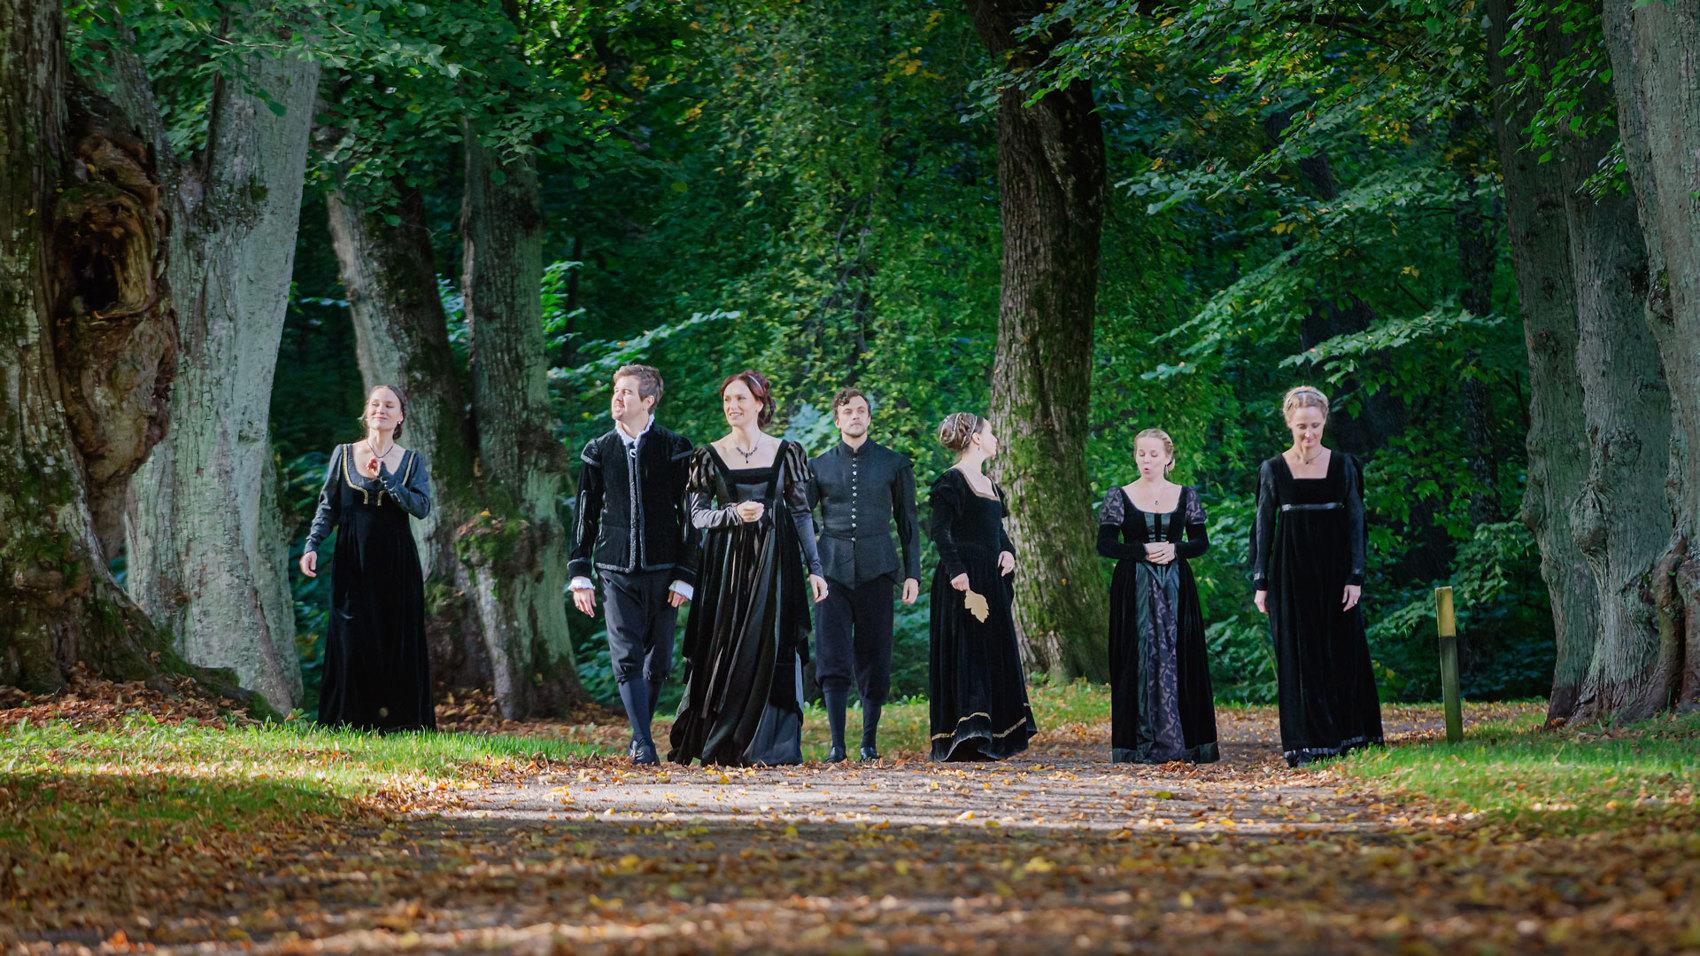 Medlemmar i Romeo och Julia Kören i Ulriksdals slottsträdgård.